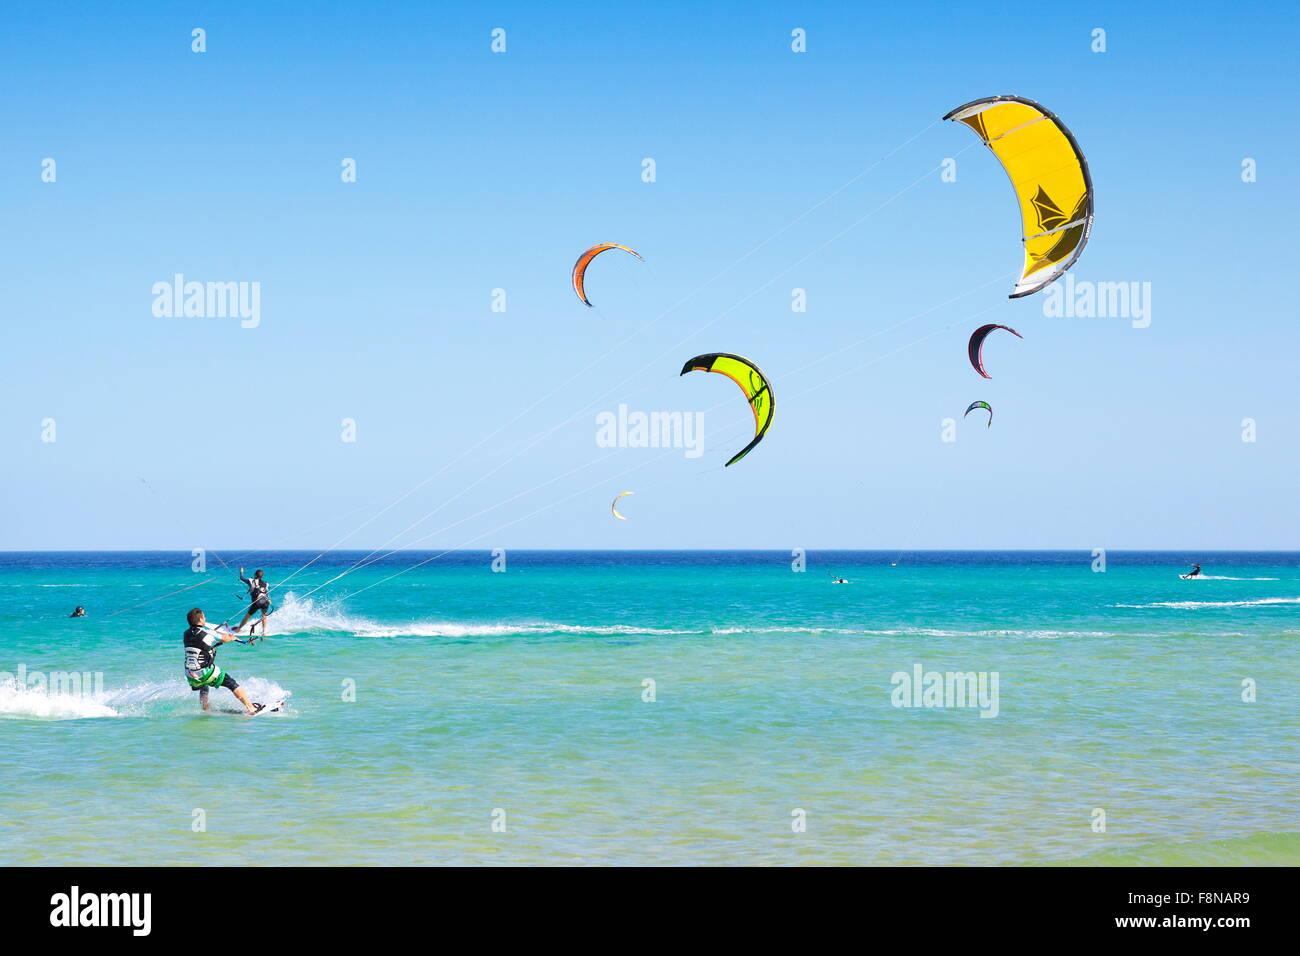 La Isla de Fuerteventura, Islas Canarias, kitesurf en la playa cerca de Costa Calma, España Foto de stock